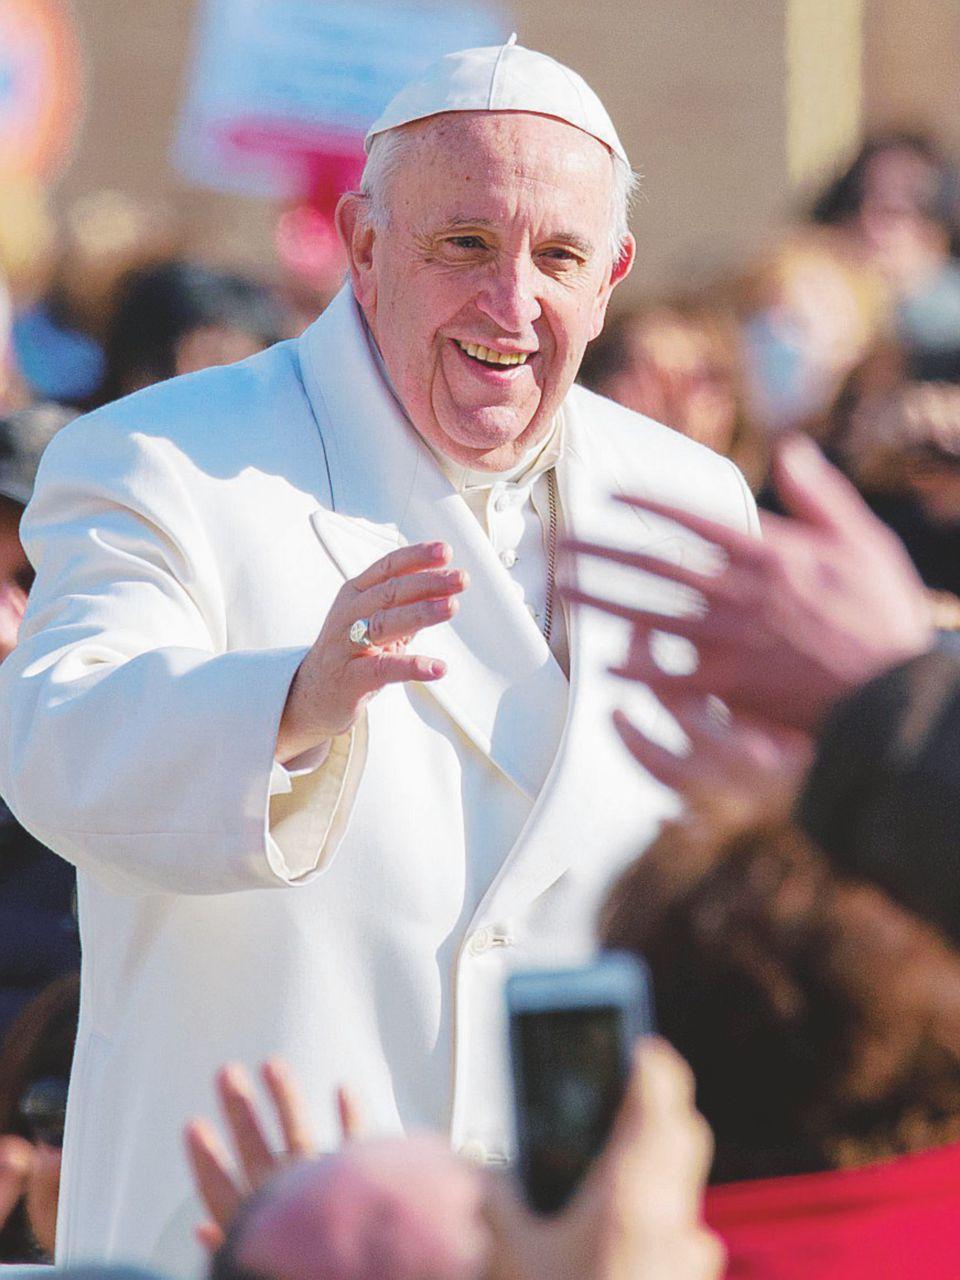 Altro che pace: il Papa non stringa mani insanguinate